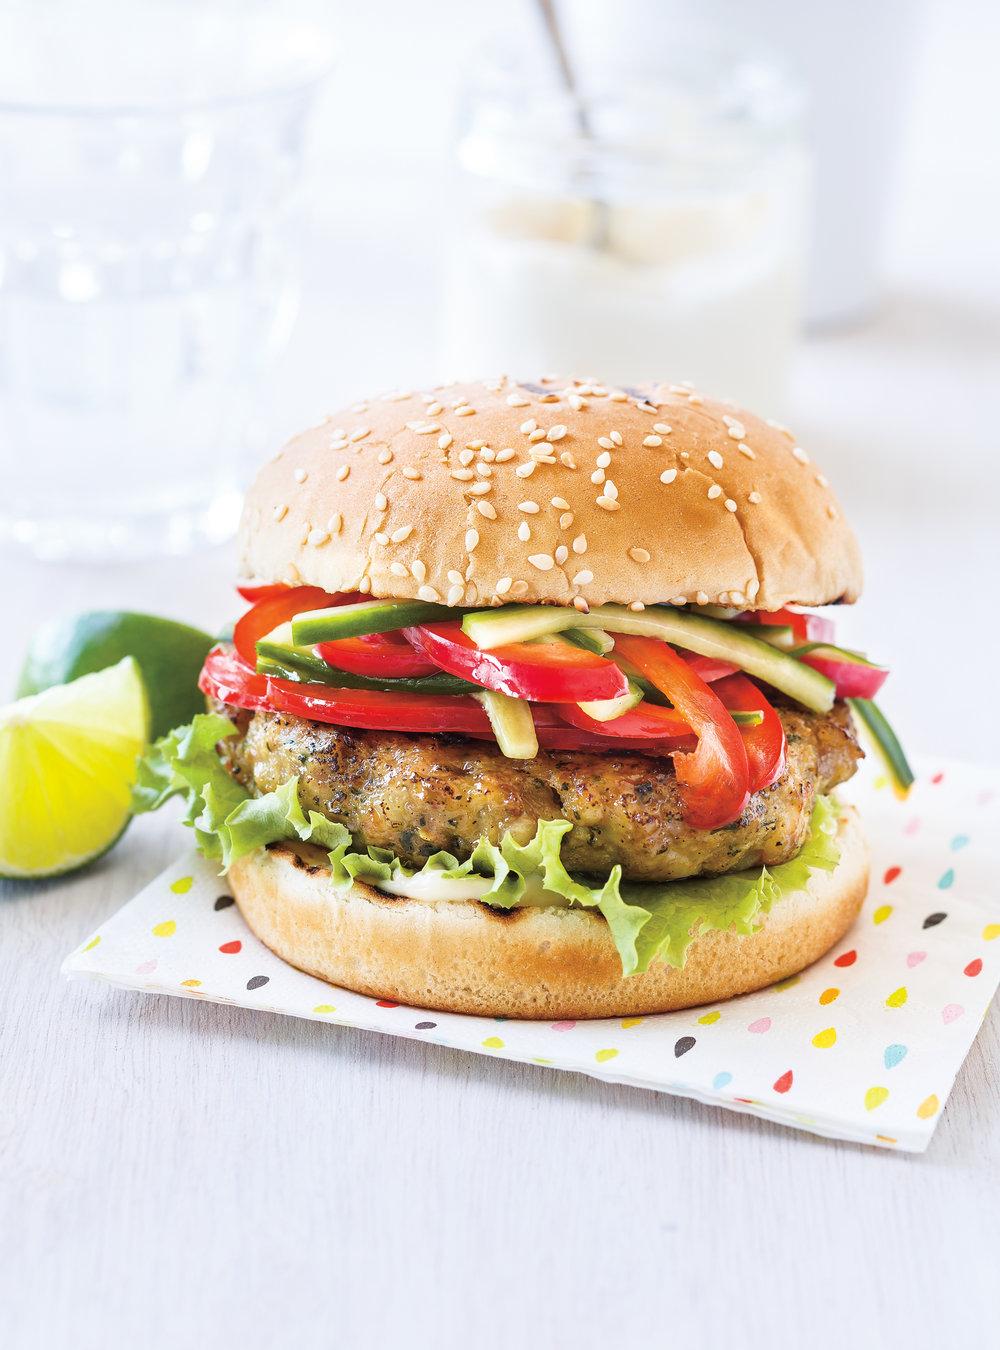 Burgers de porc et de crevettes | ricardo